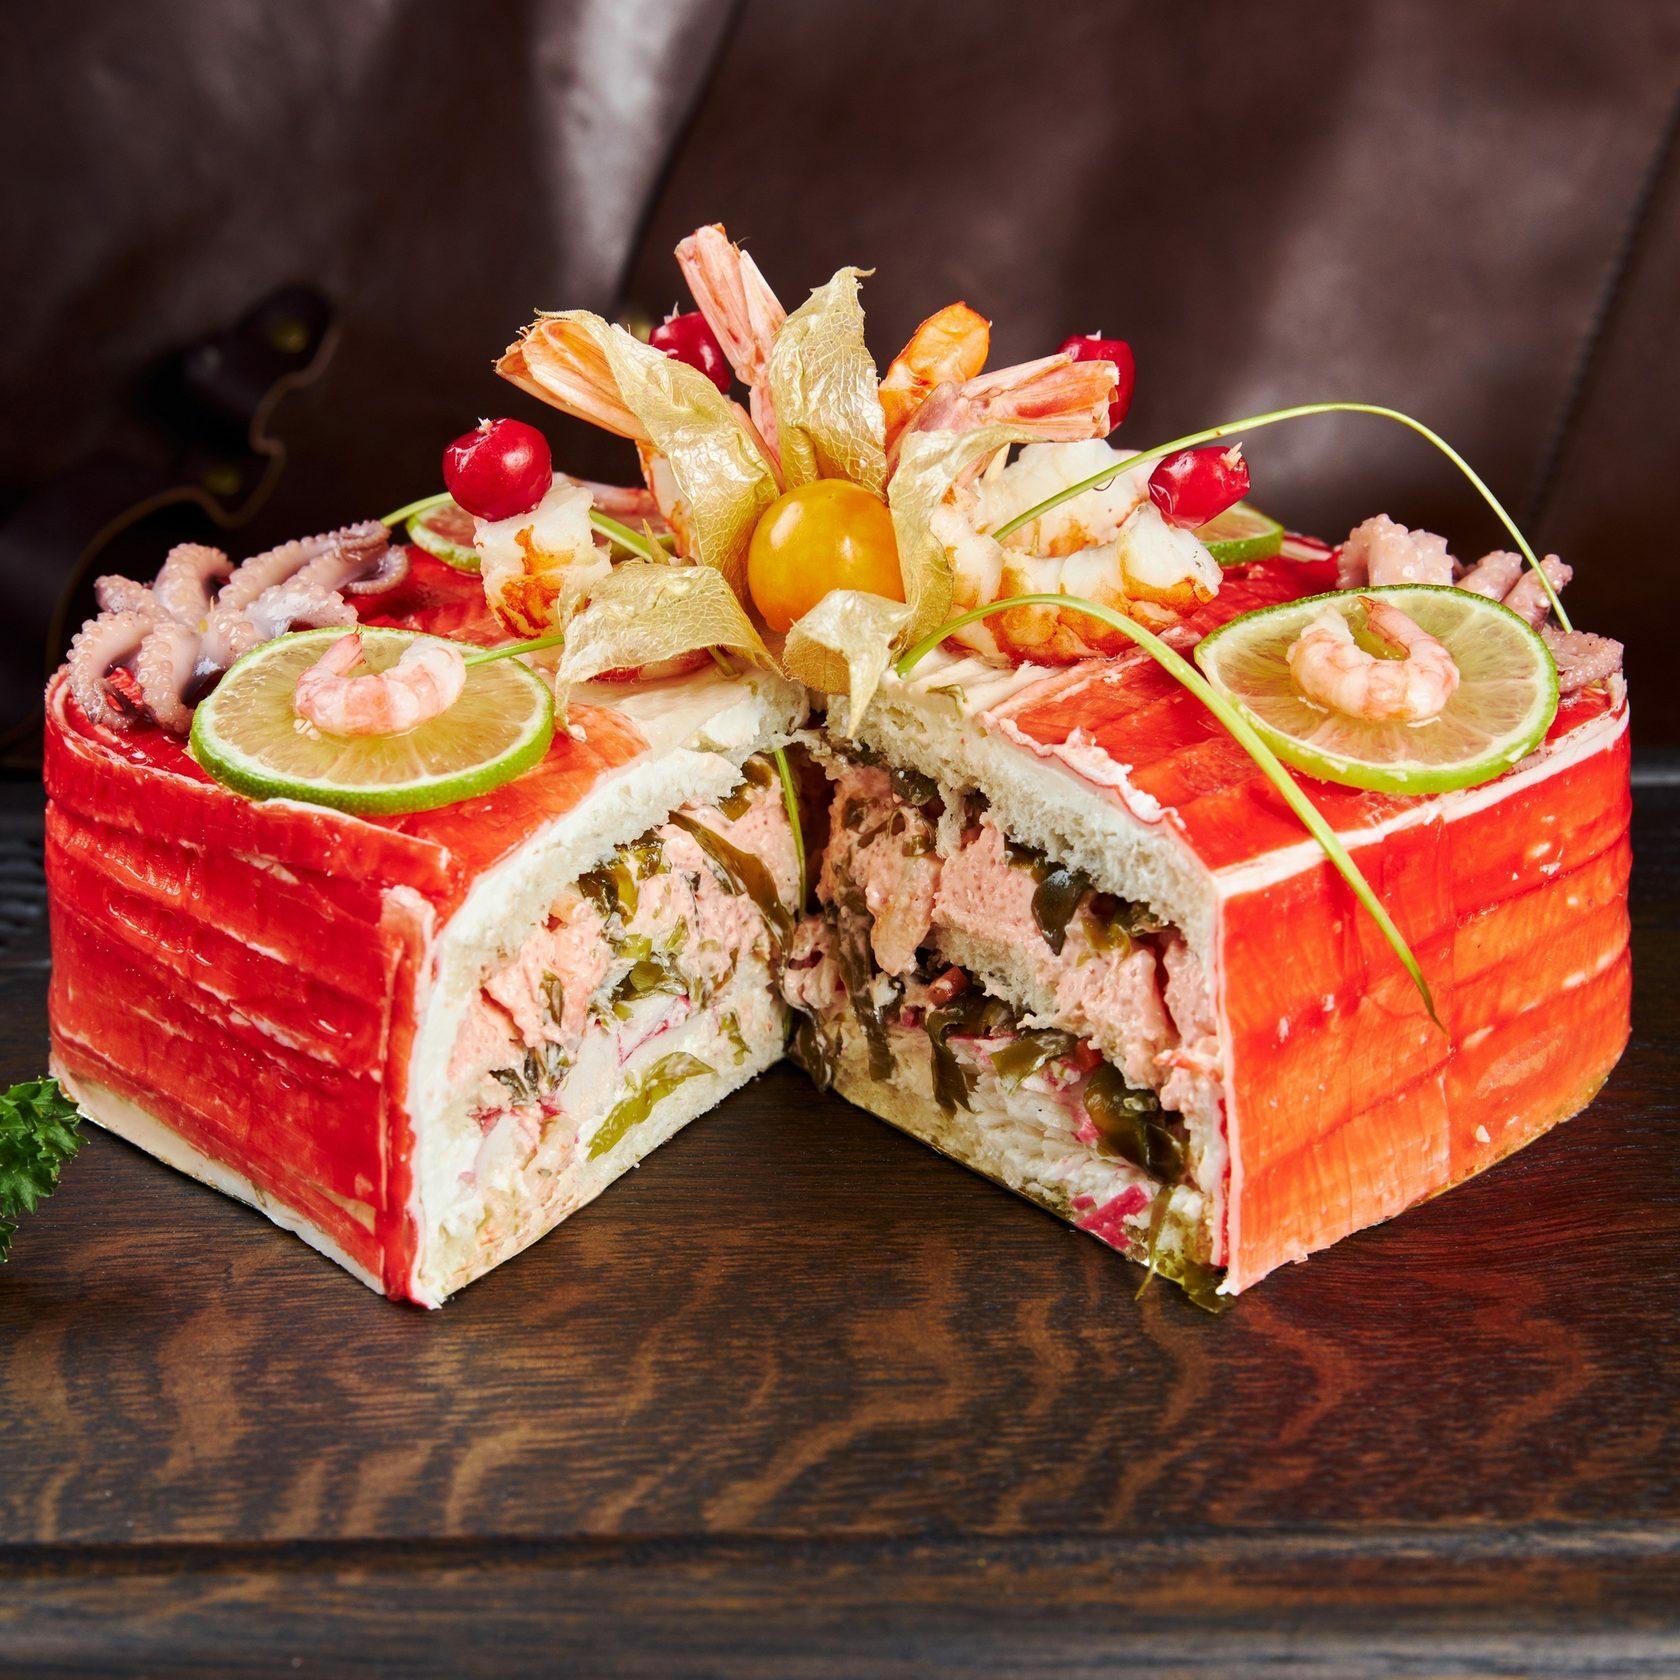 торт морской коктейль, морской торт, торт с морепродуктами, торт с креветками, торт с рыбой, рыбный торт